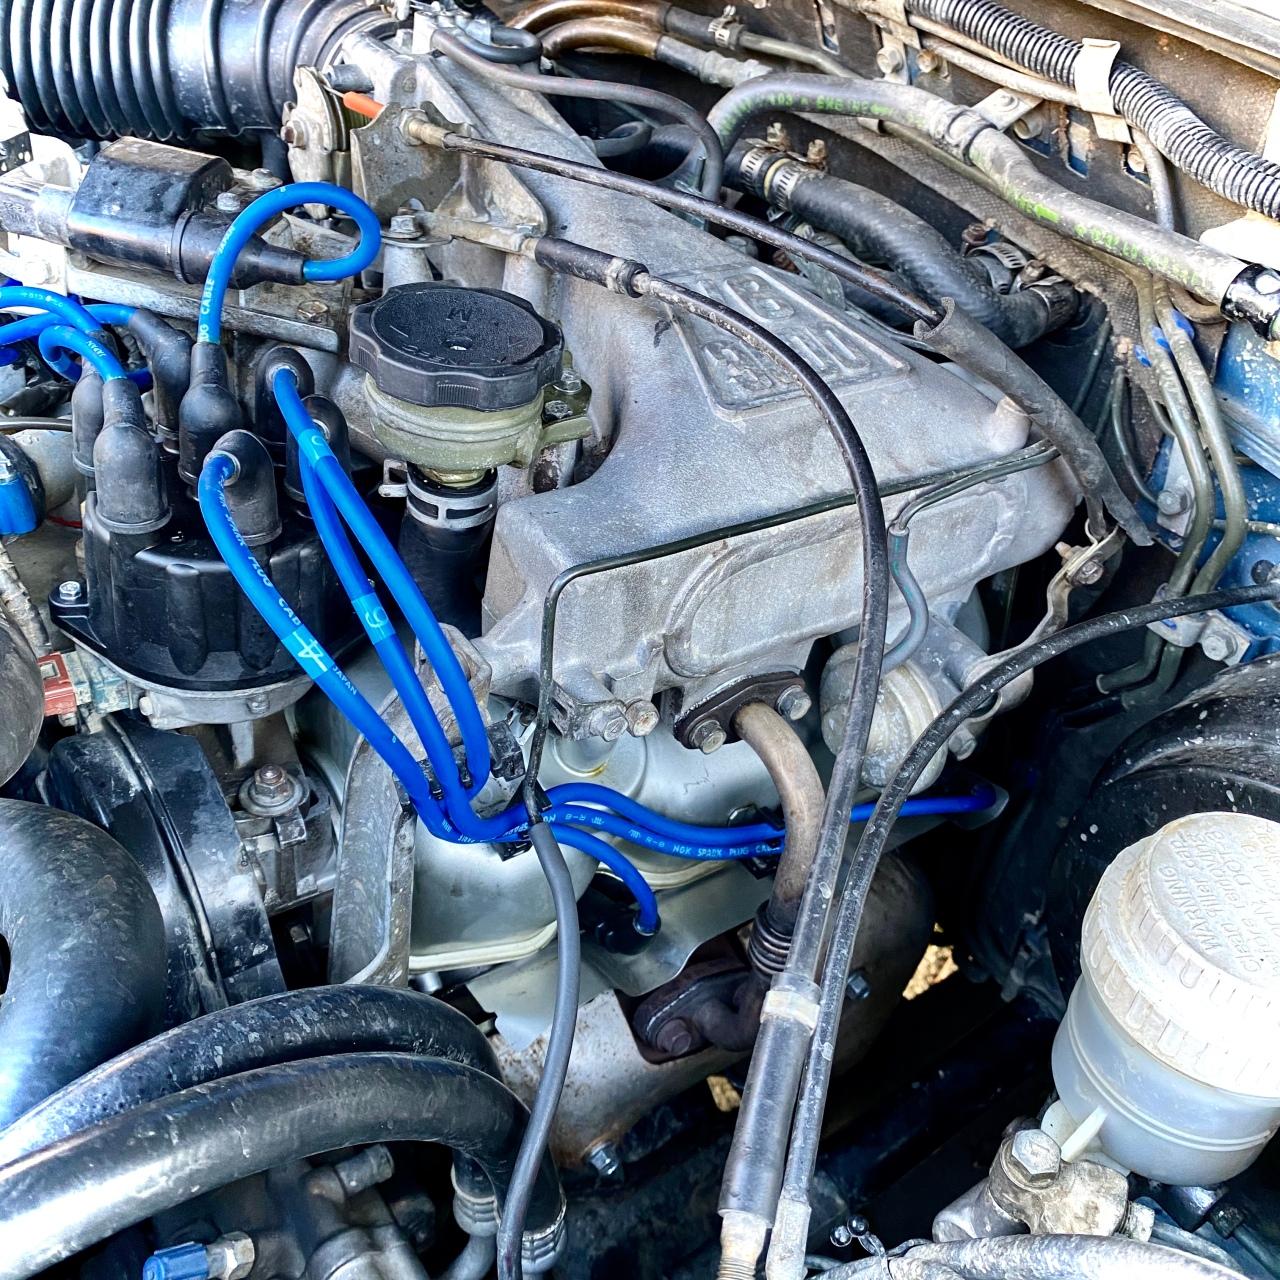 1991 Mitsubishi Montero Engine